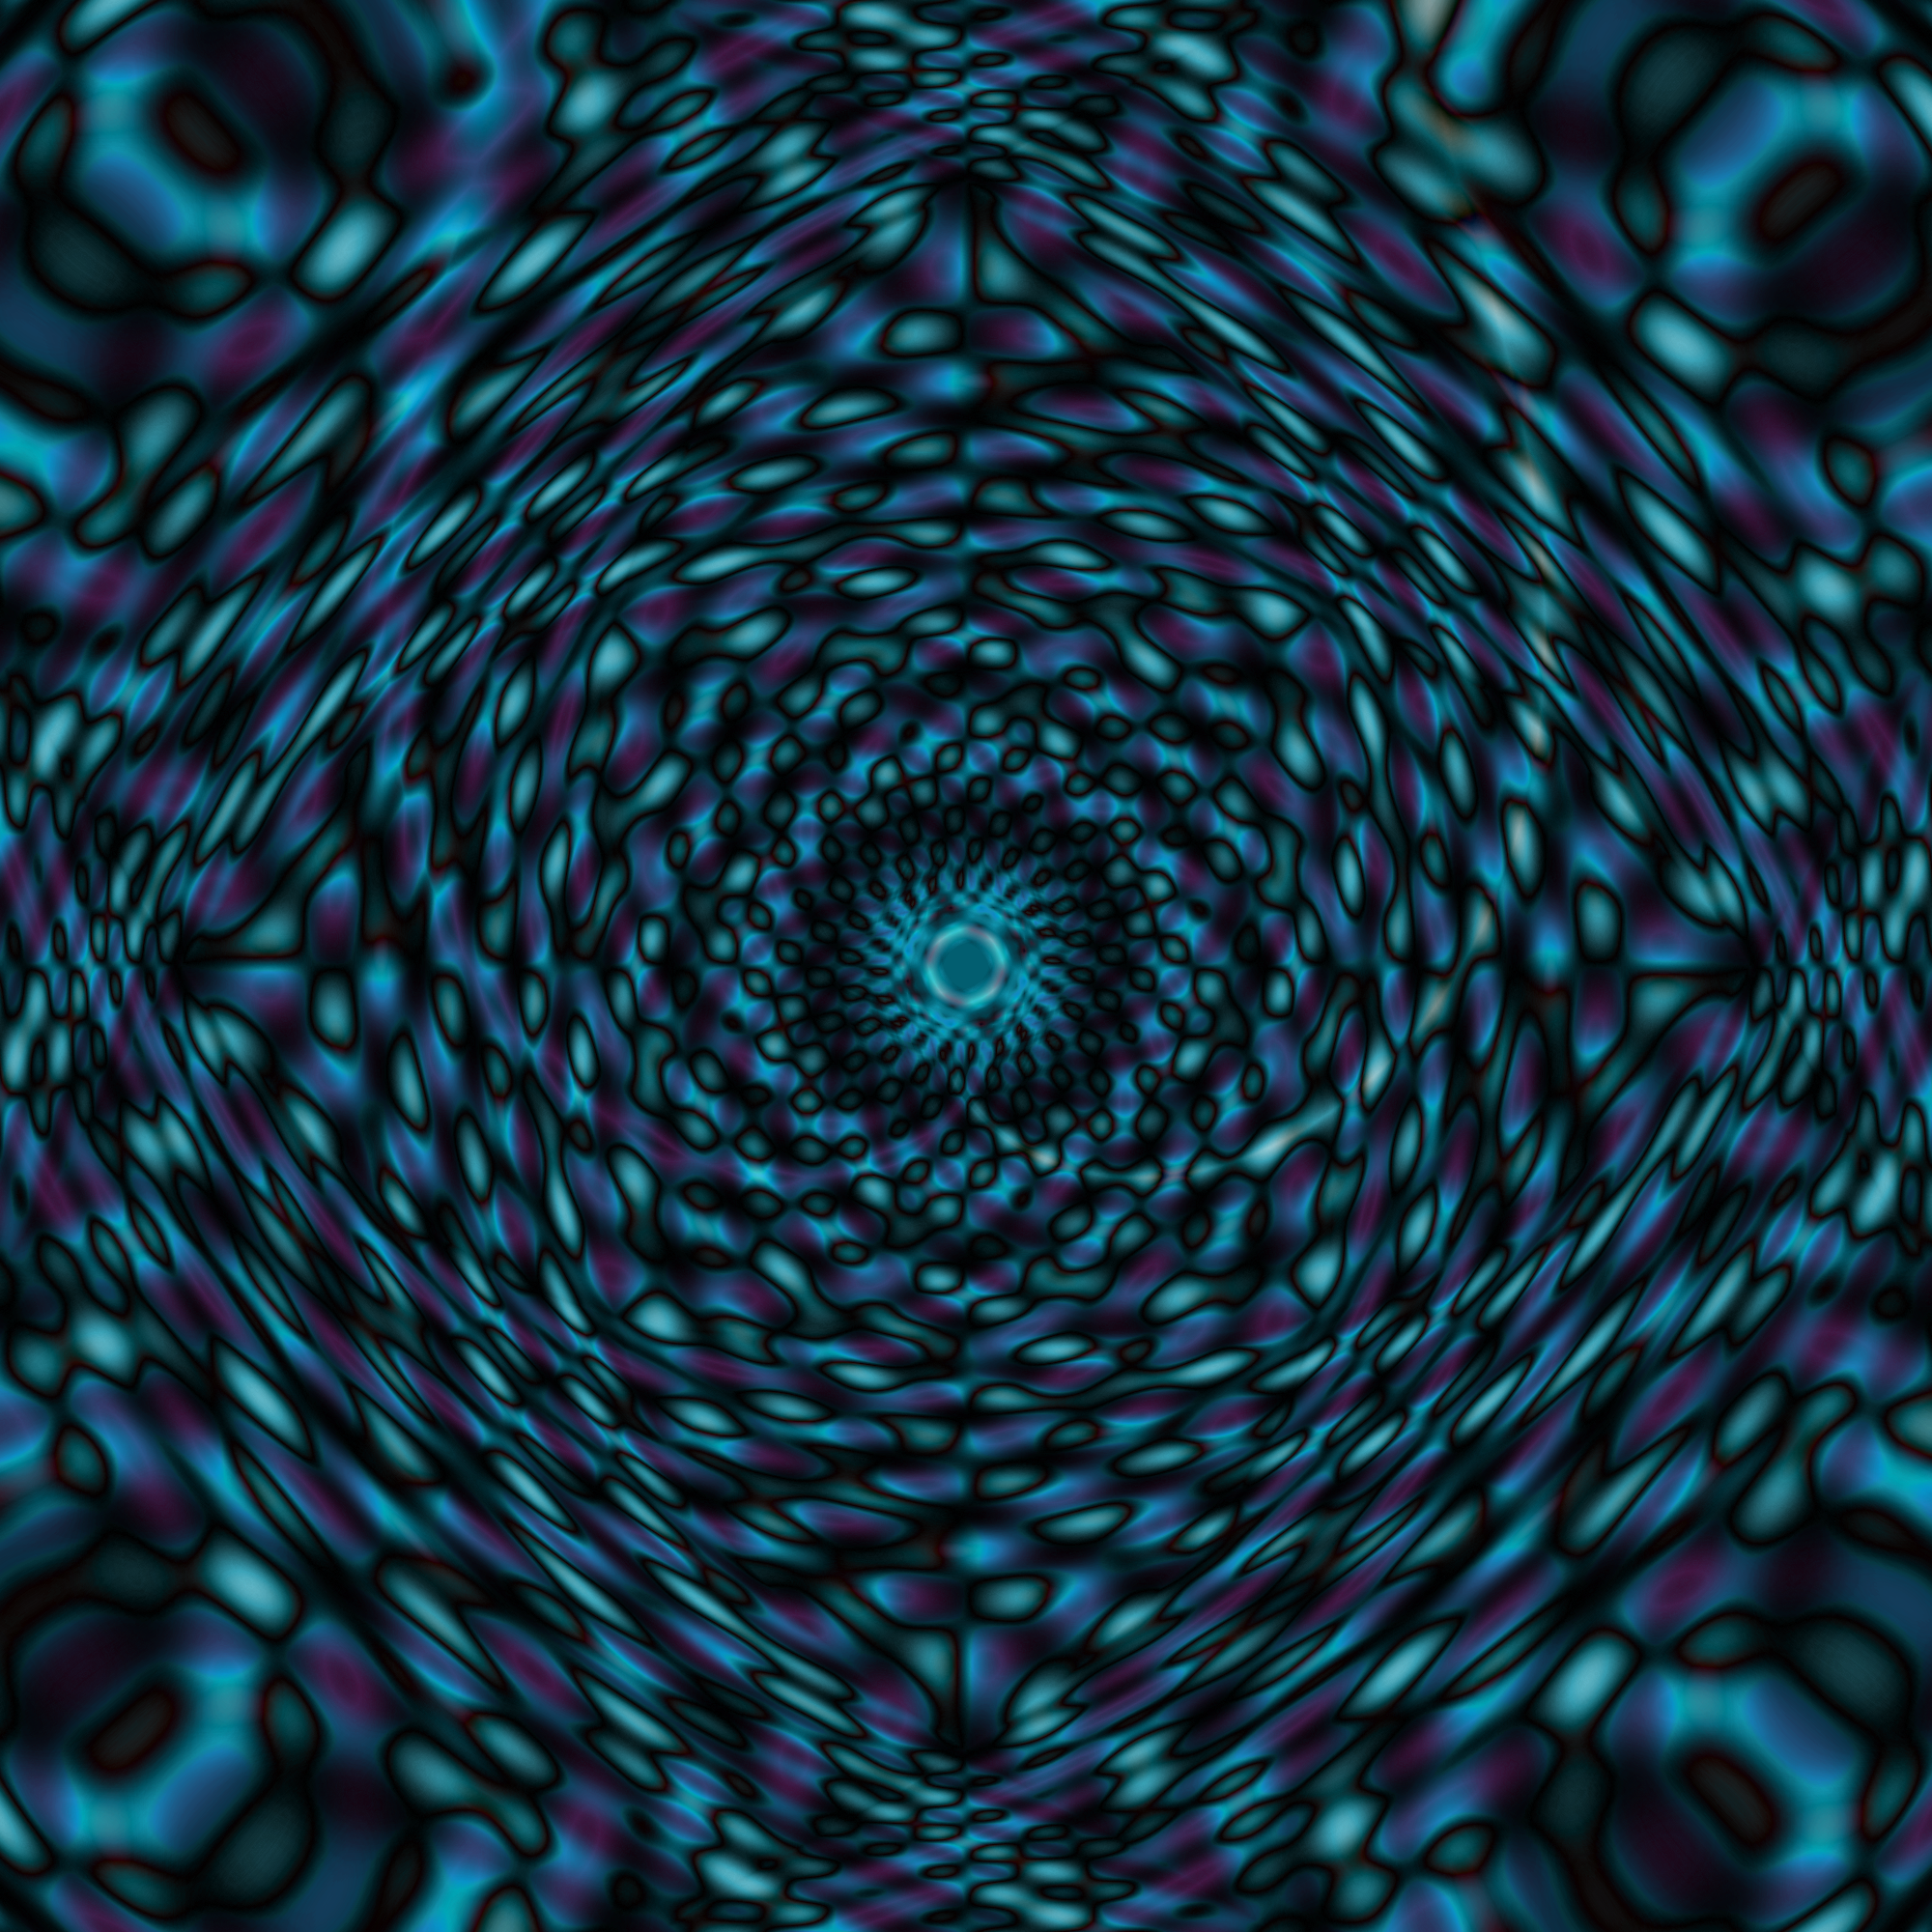 the vortex version2